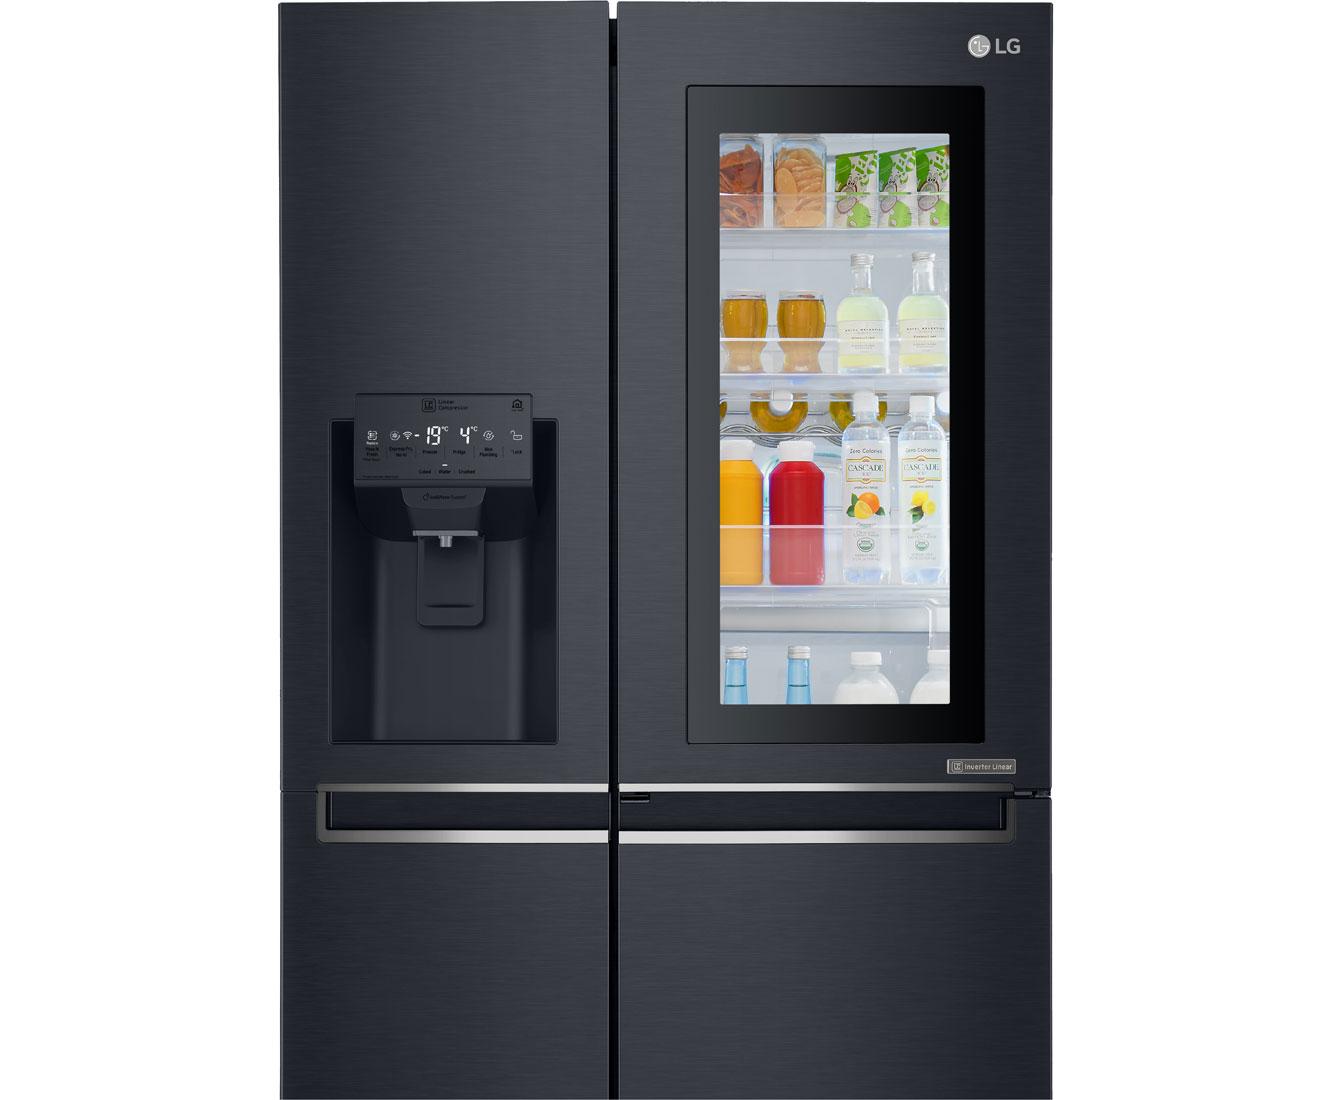 Side By Side Kühlschrank Lg Test : Kühlschrank lg gsx neaz kühlschrank tief kühlschrank tiefe neu